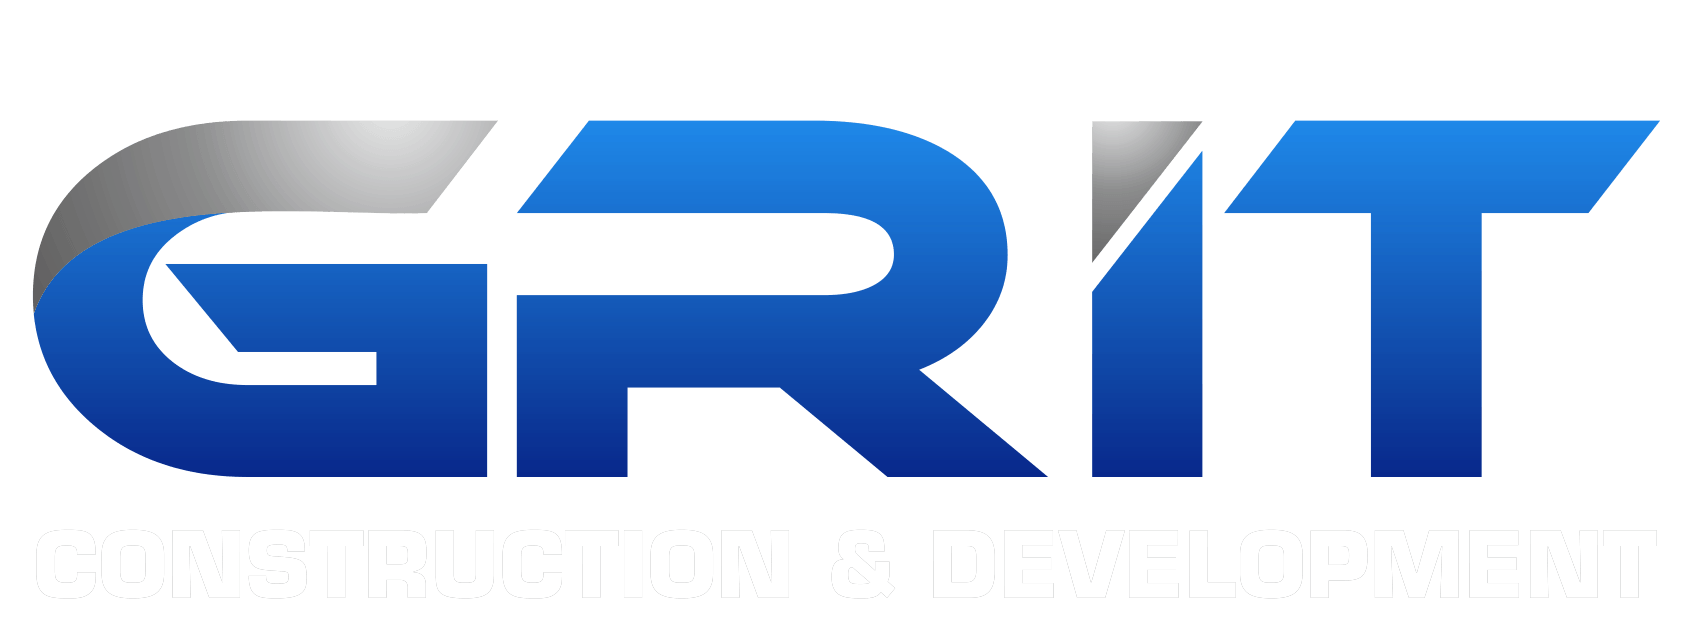 GRIT Construction & Development